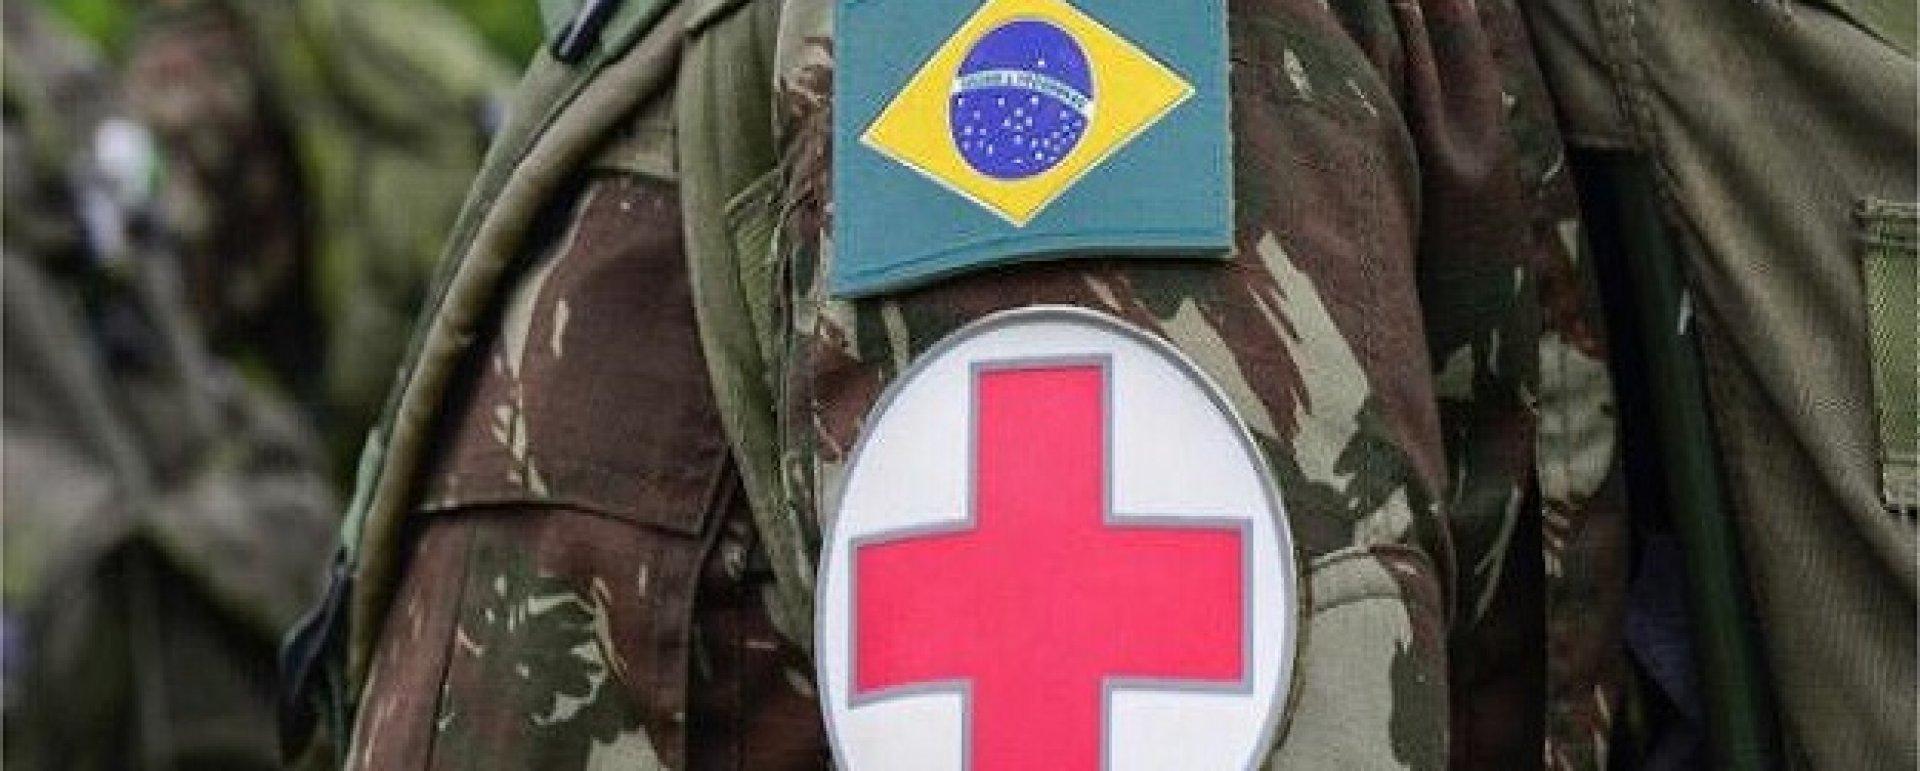 Comando da 12ª Região Militar do Exército anuncia seleção para área de Saúde